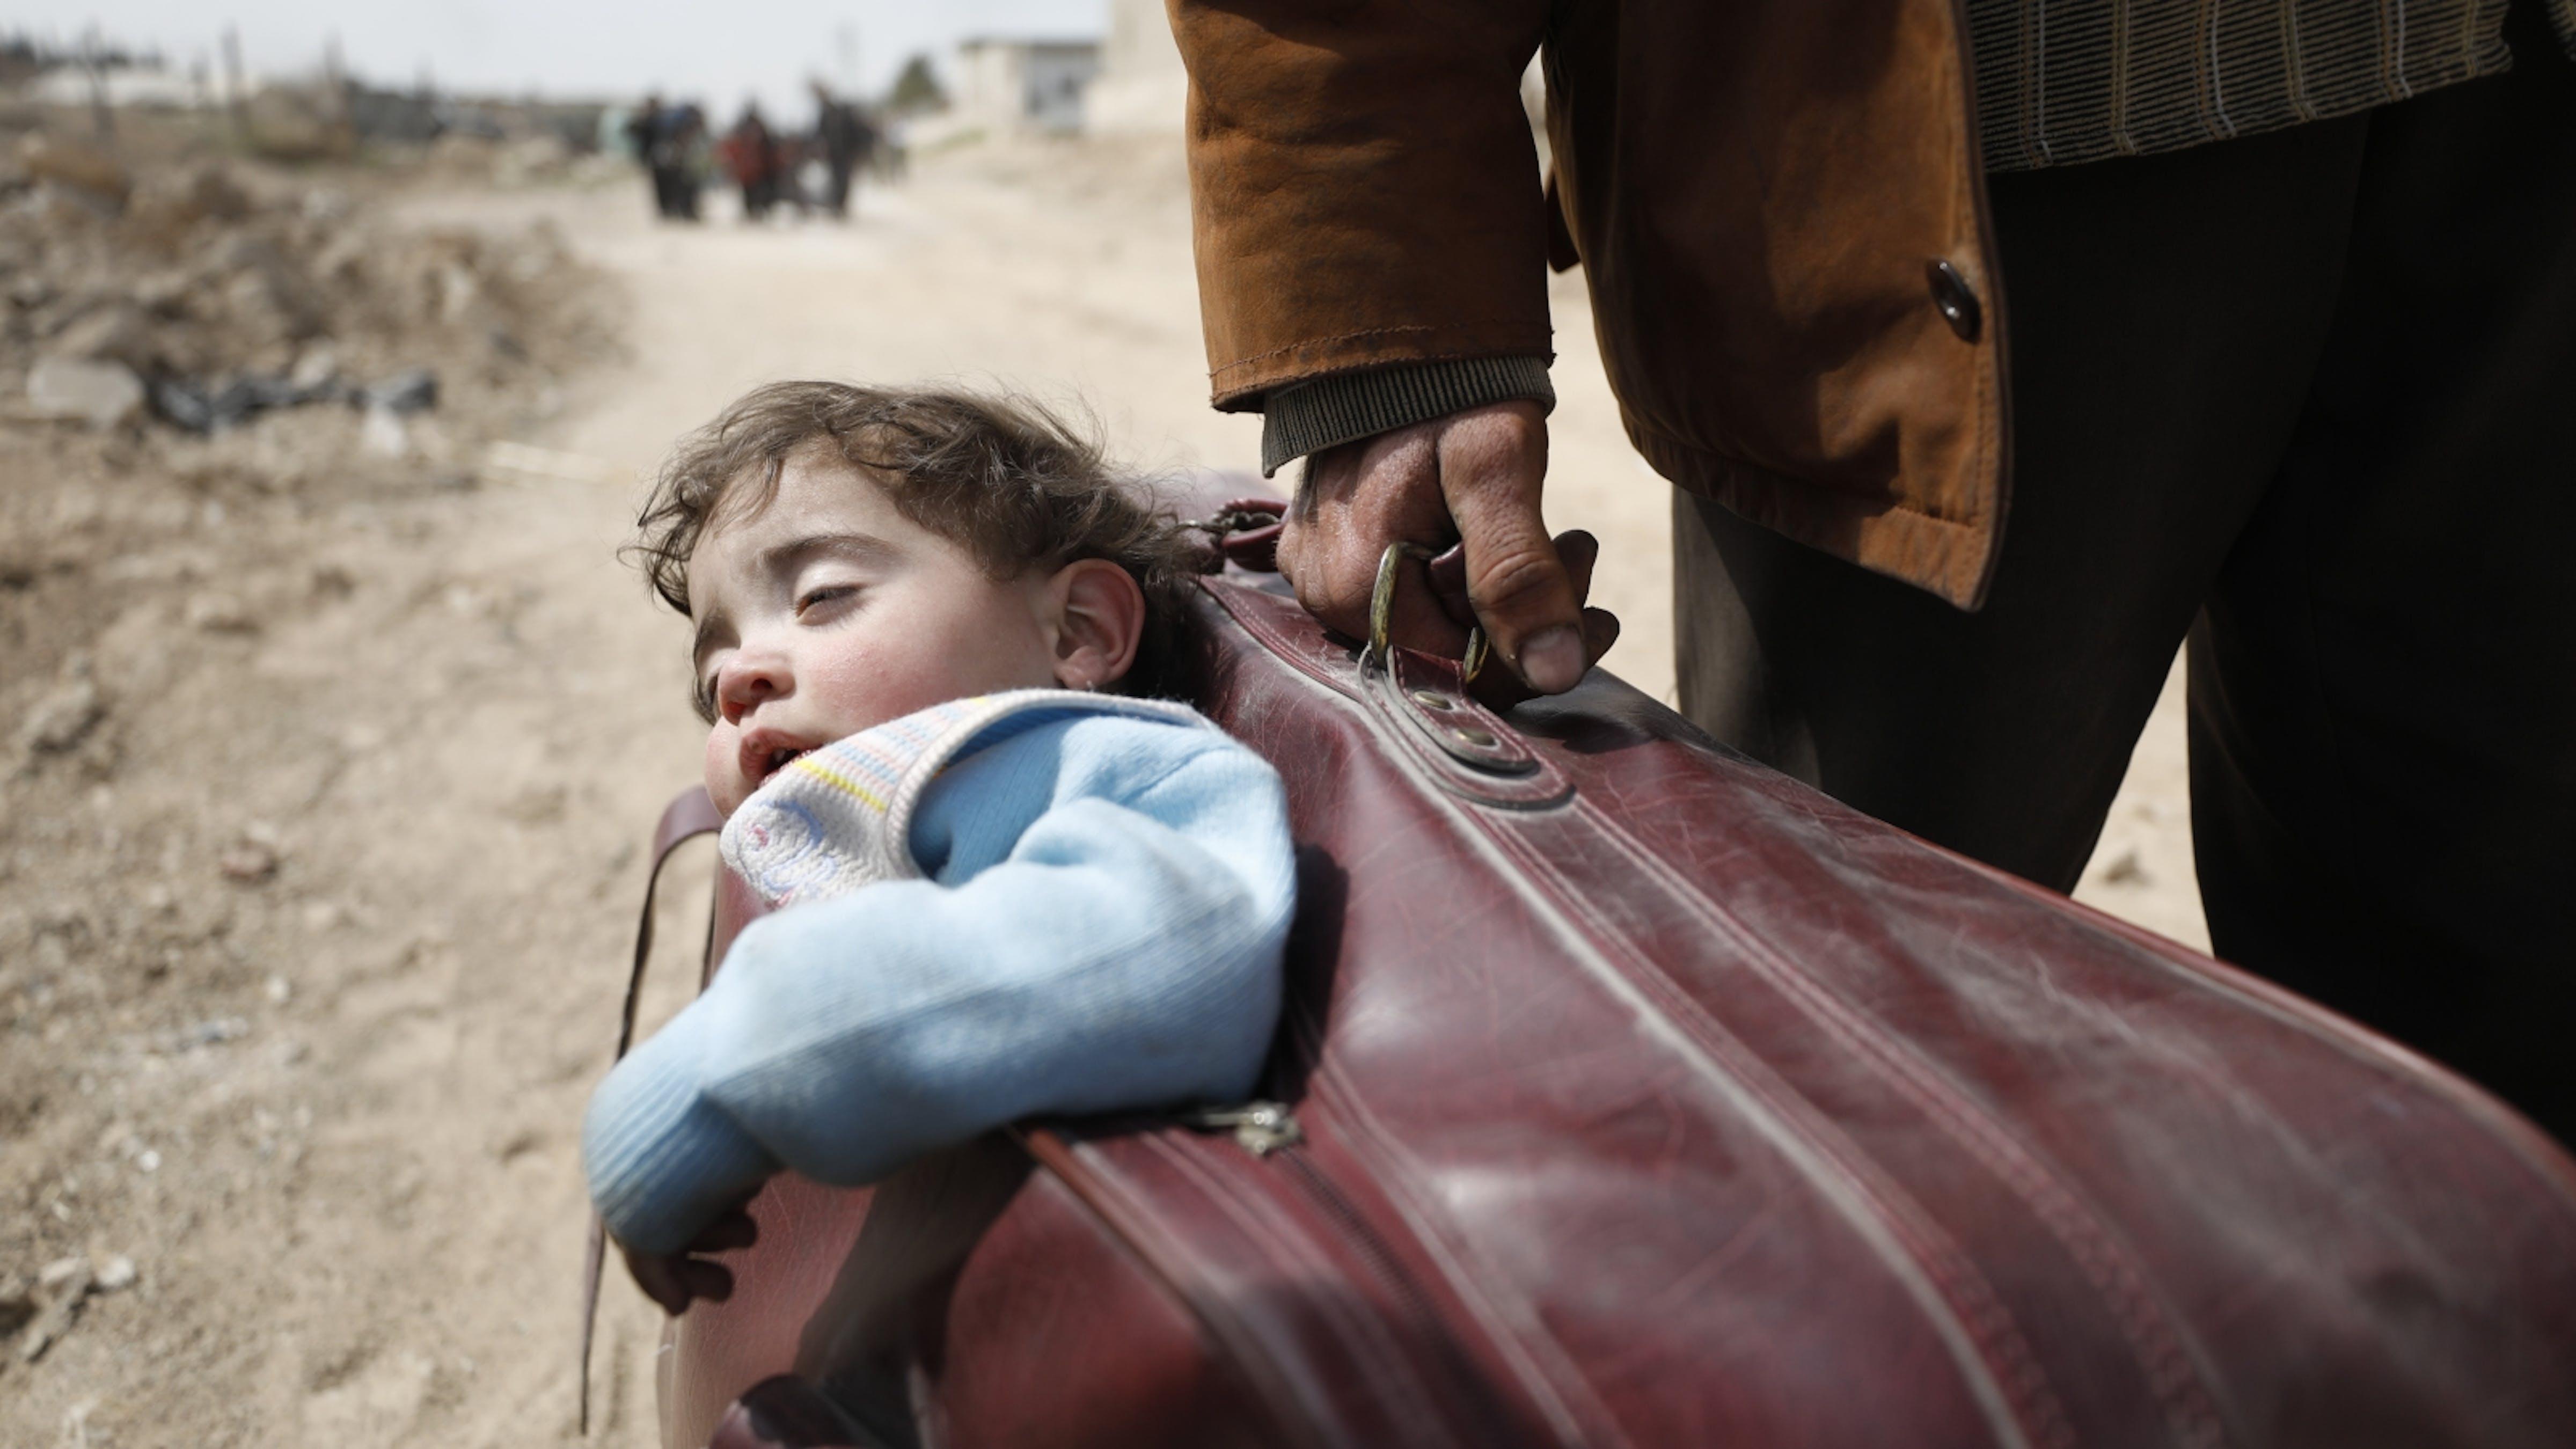 Siria, bambino nella valigia che affronta il viaggio per allontanarsi dalla guerra.